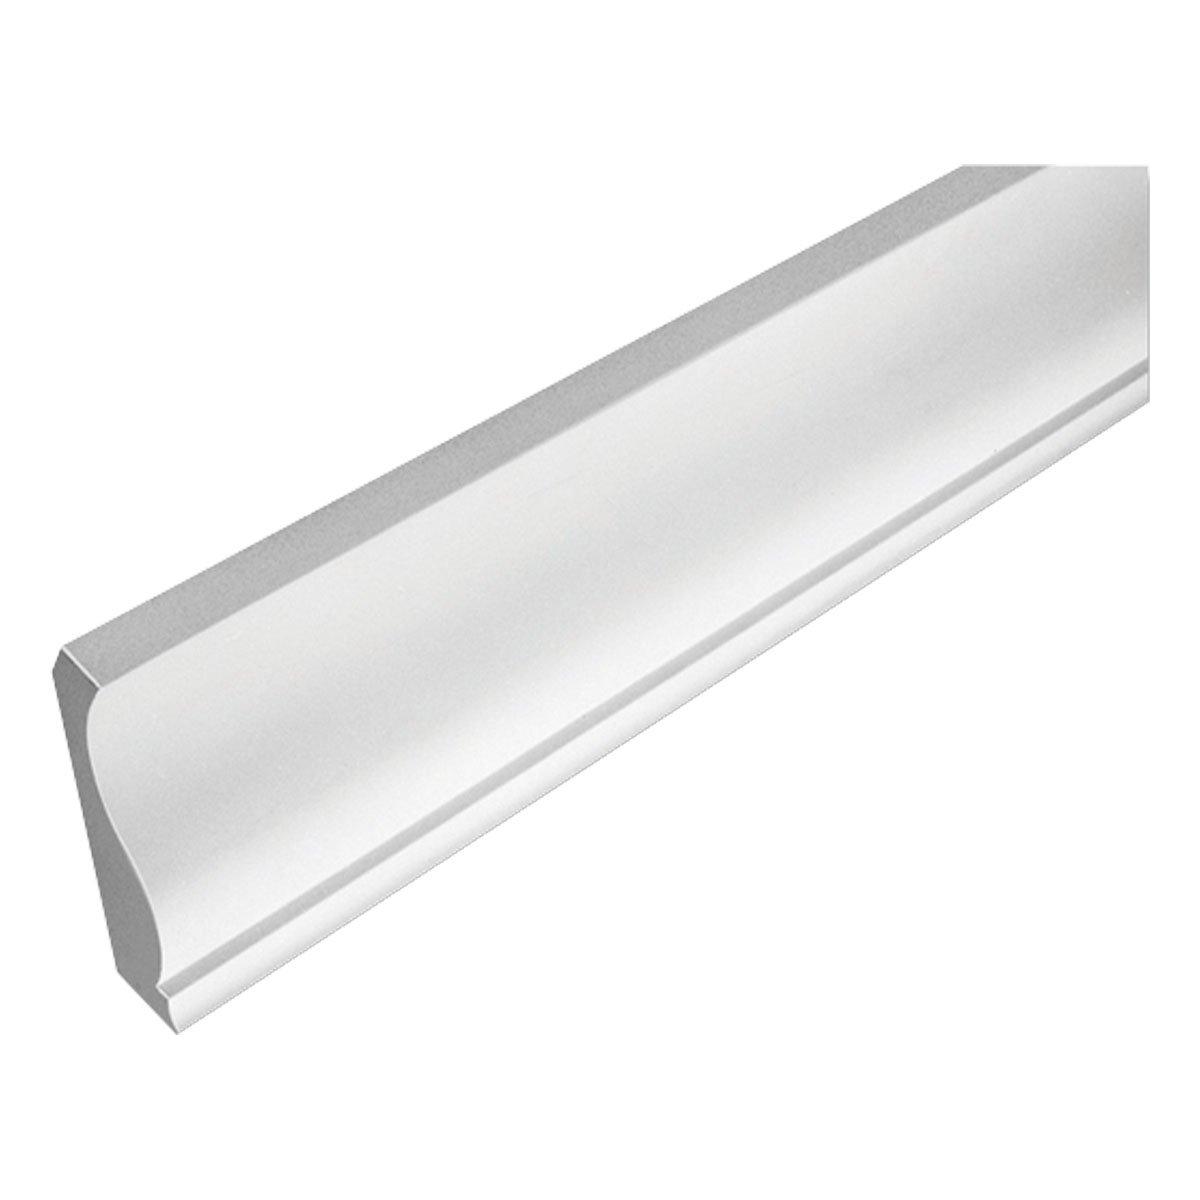 8 3/8''H x 7 1/4''P, 16' Length, Door/Window Moulding